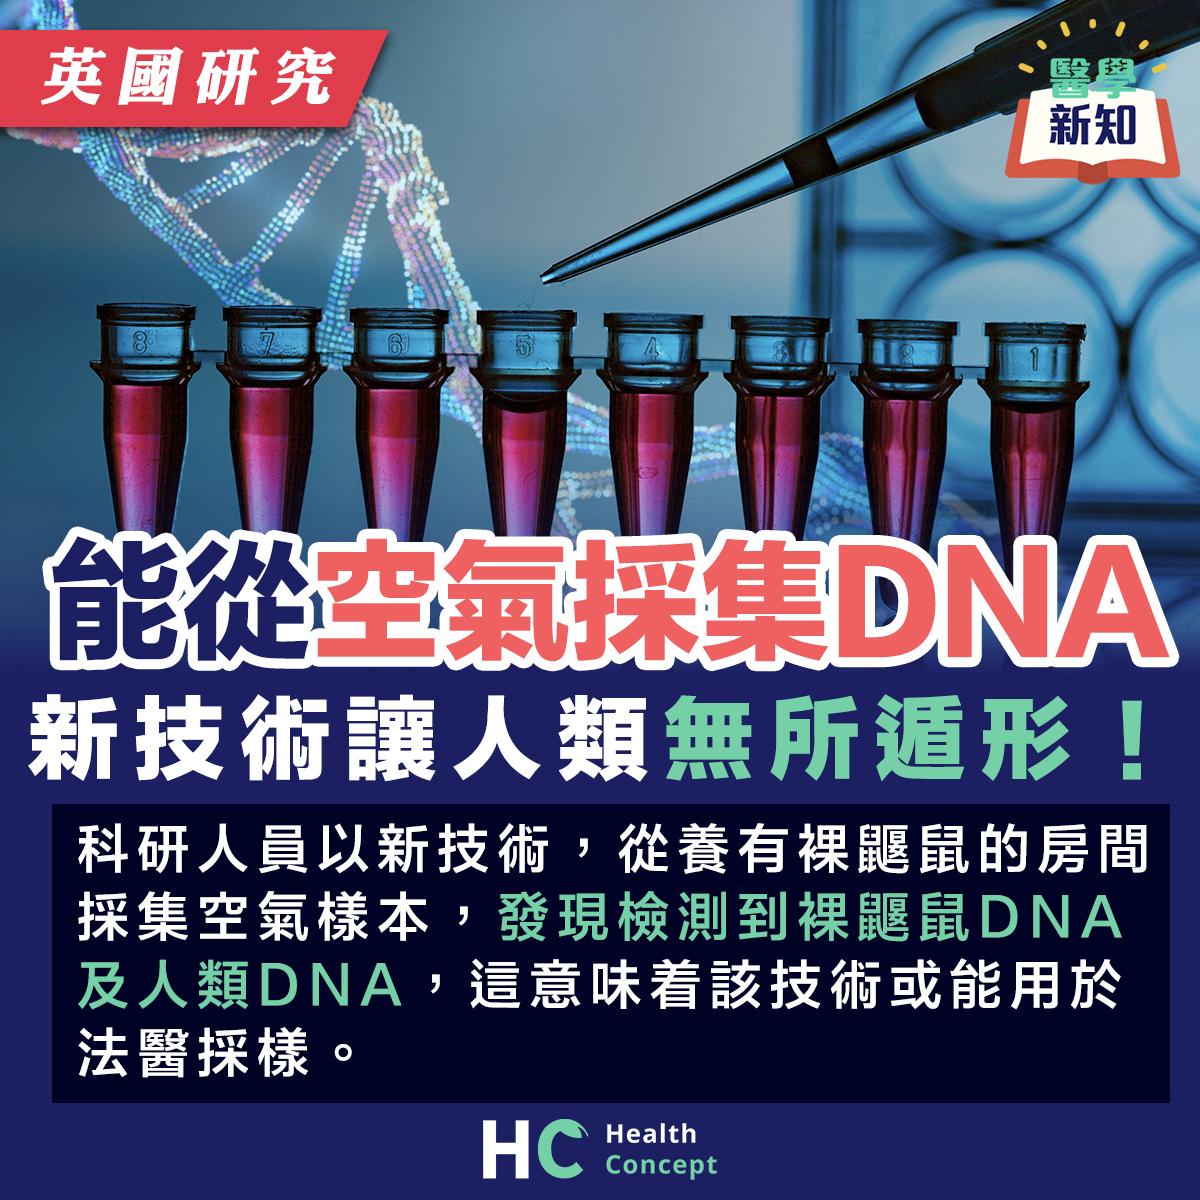 能從空氣採集DNA 新技術讓人類無所遁形!